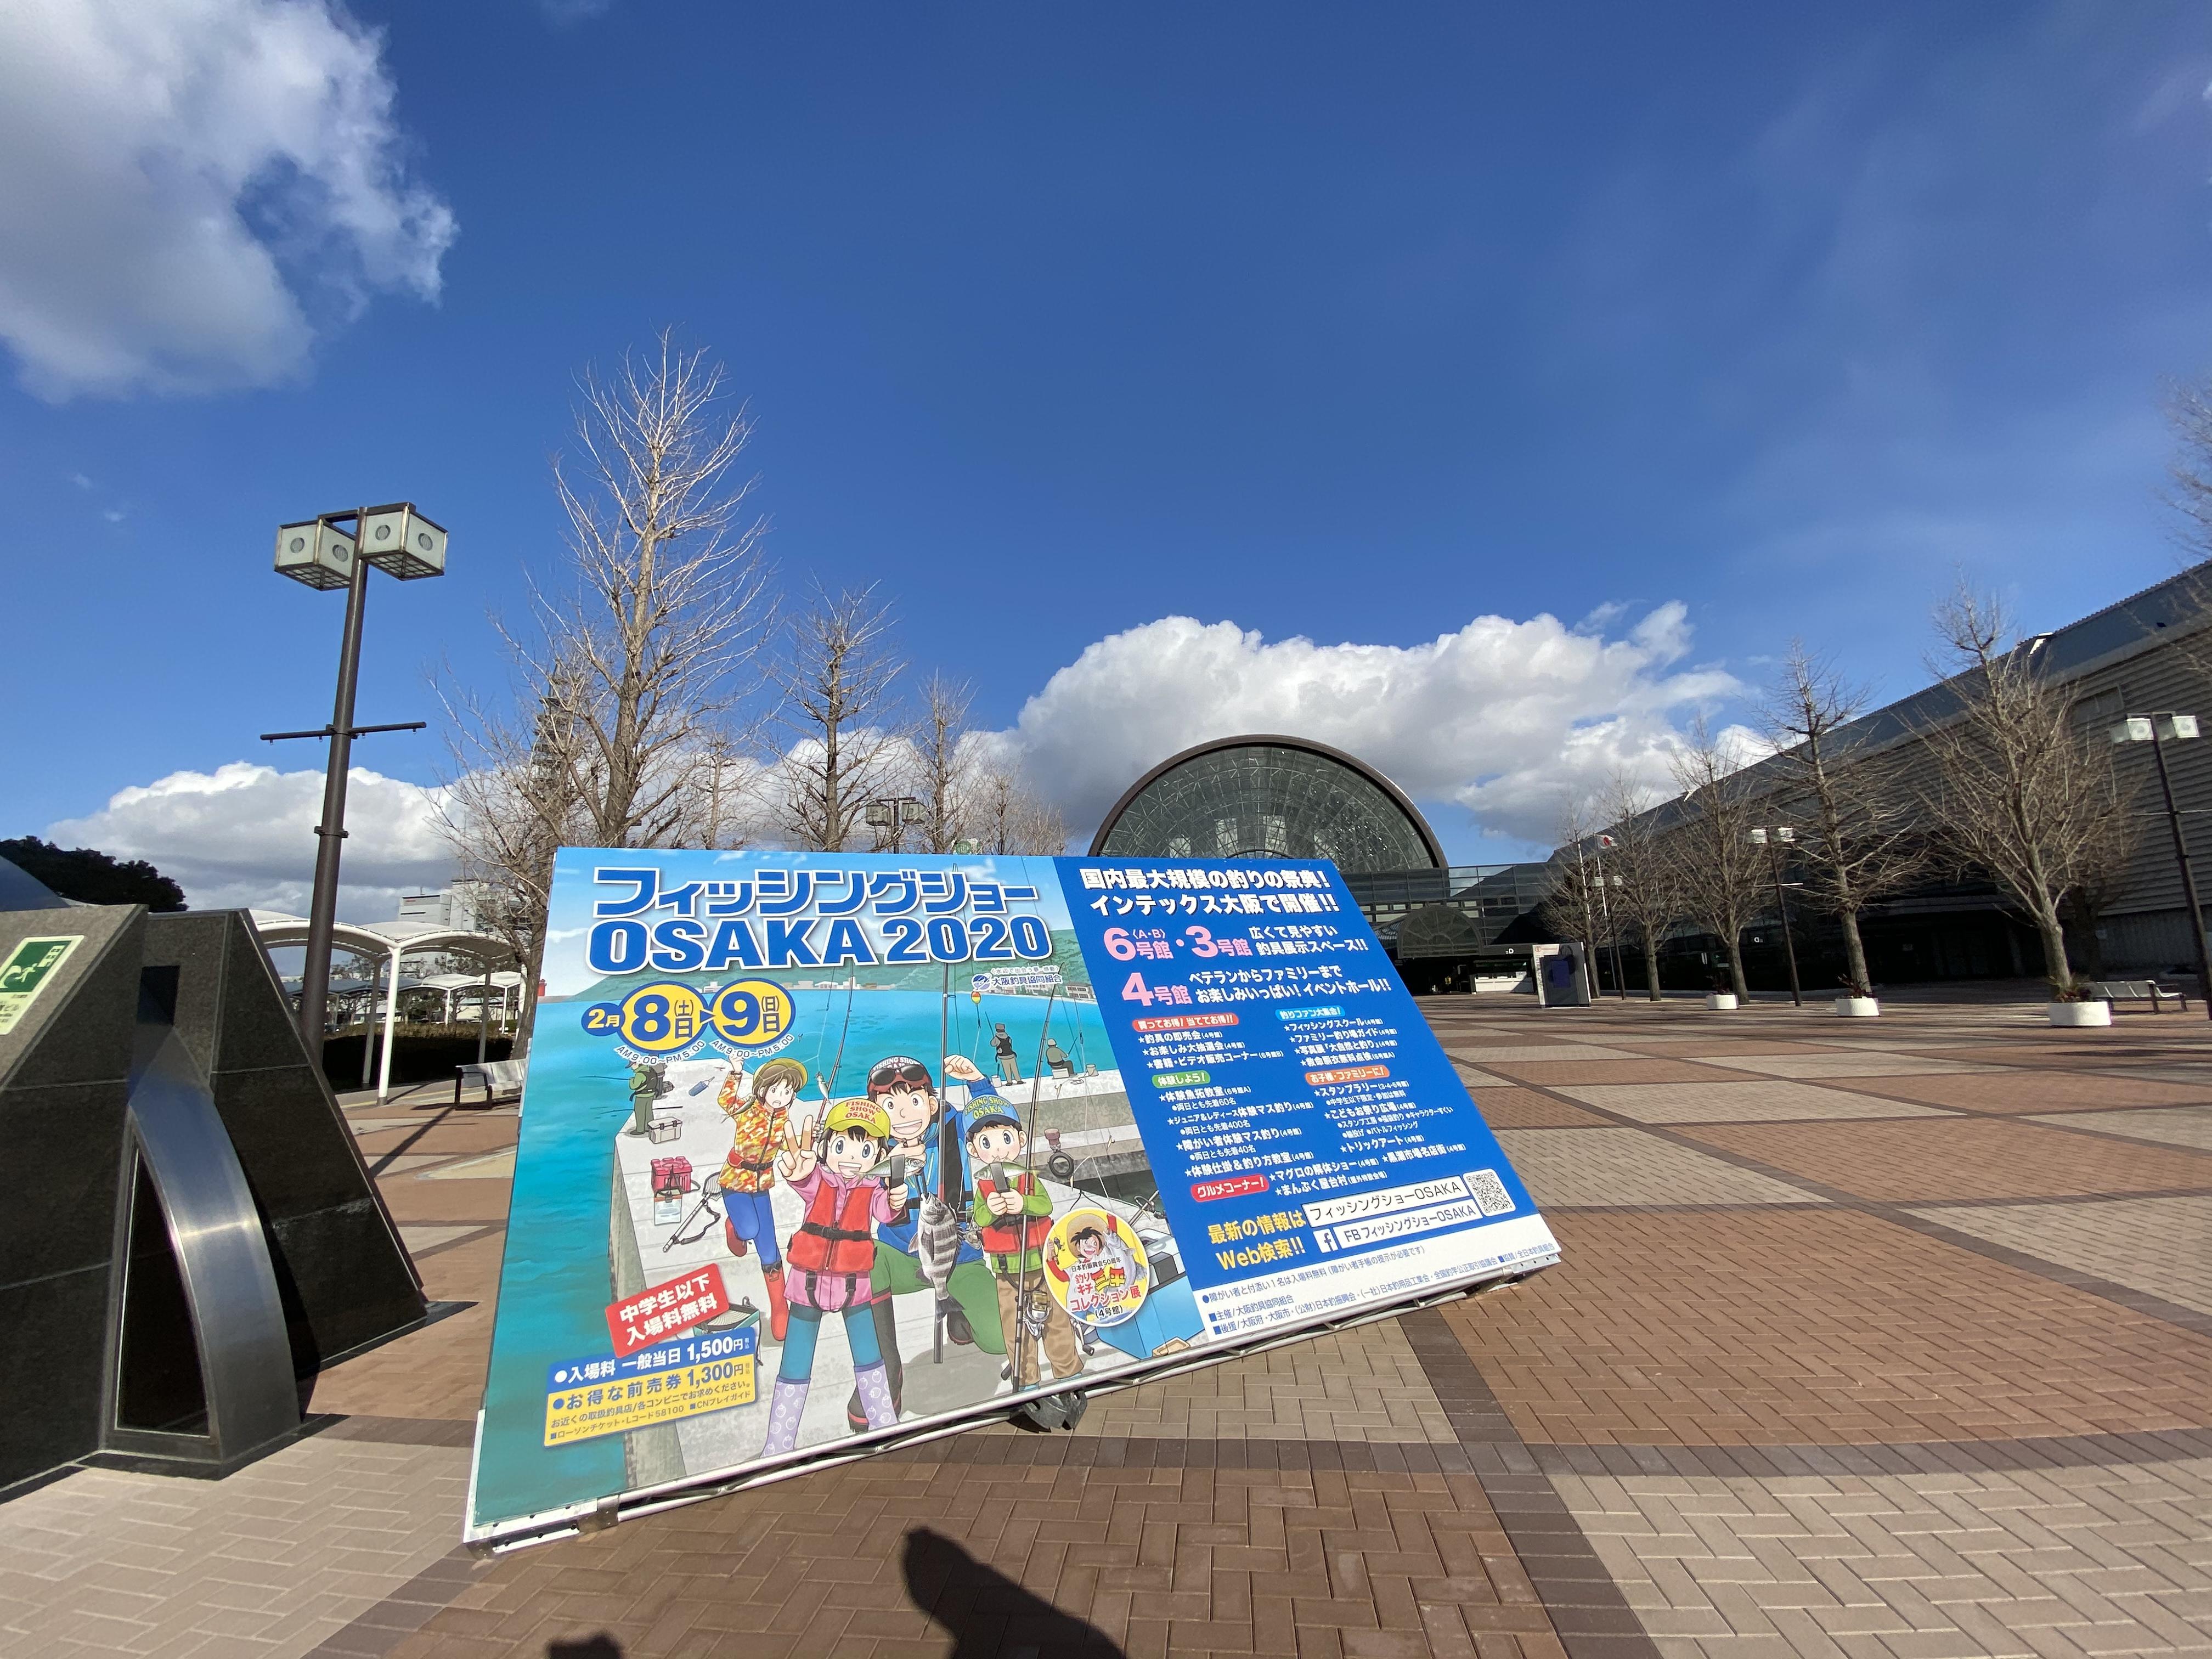 フィッシングショー大阪2020ご来場ありがとうございましたぁ!!